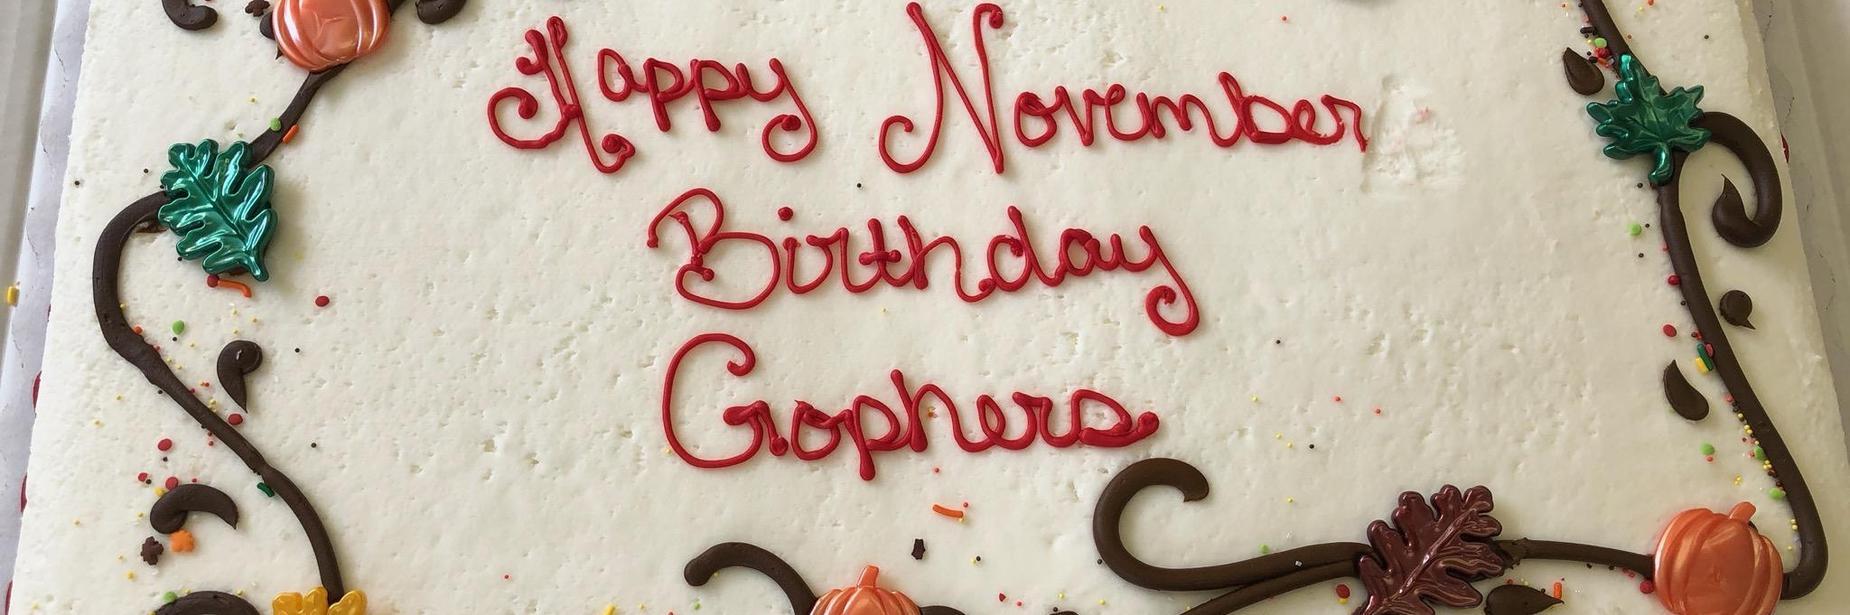 Nov. birthday cake